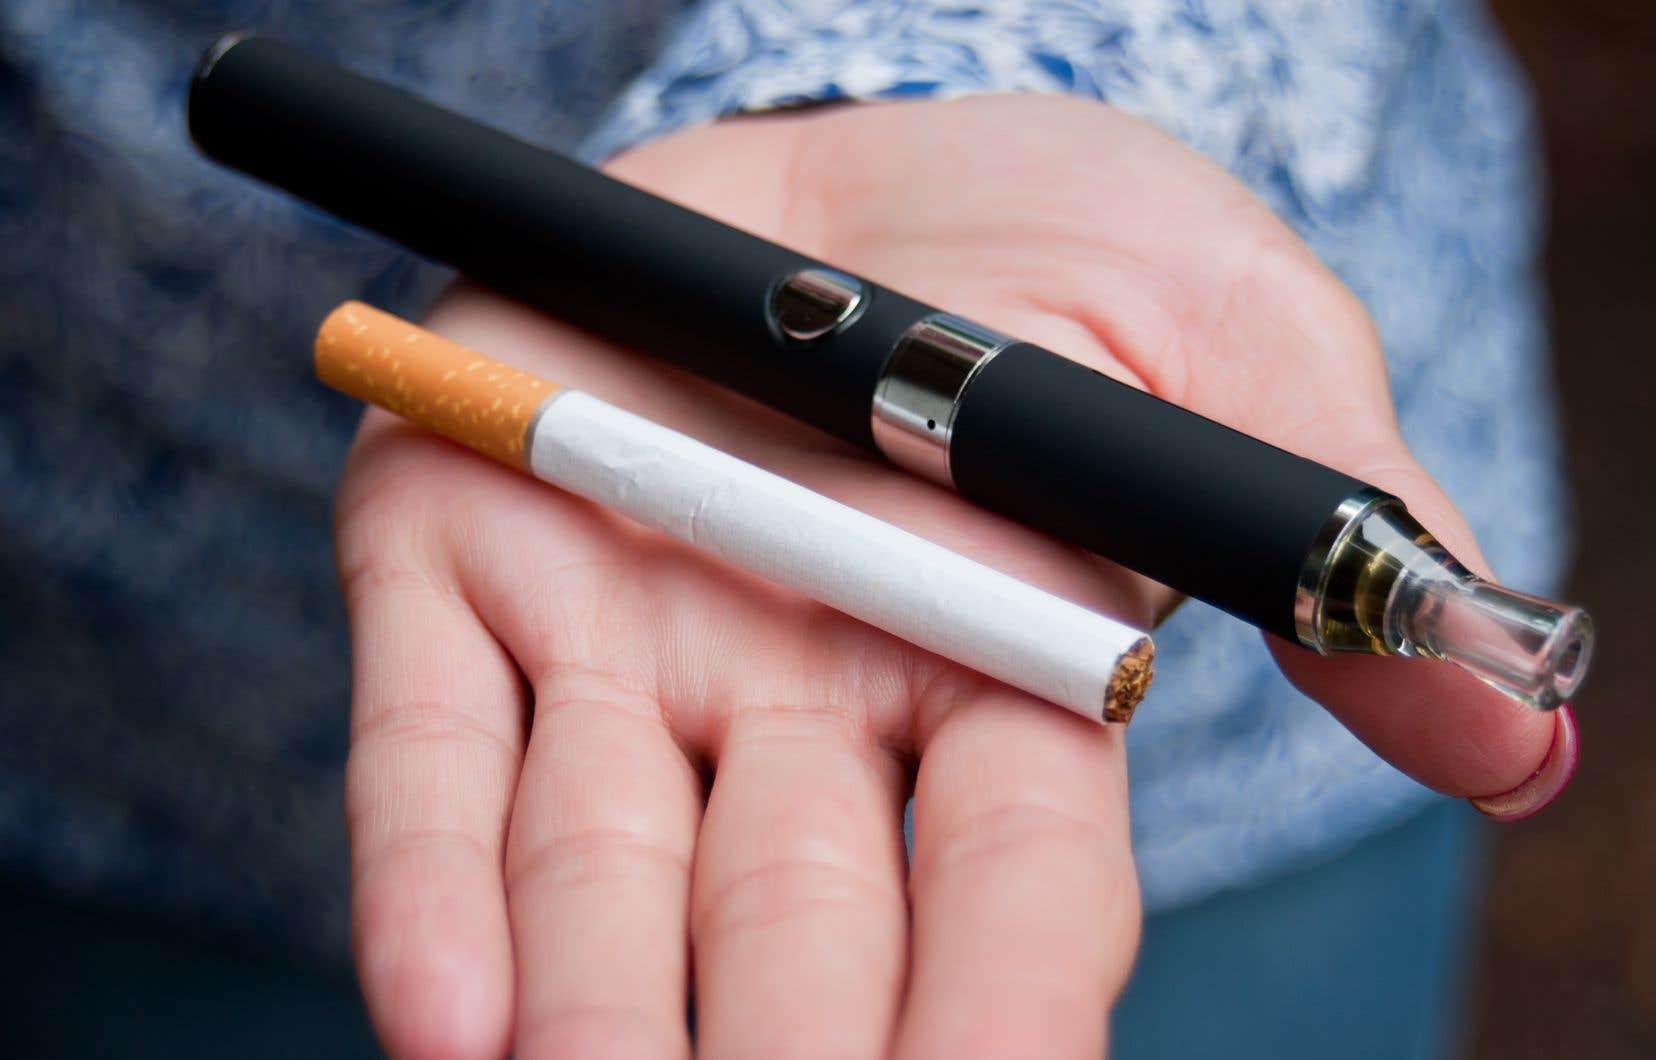 En 2017, la valeur du marché mondial du vapotage était évaluée à 18milliards de dollars américains contre 785milliards pour le marché du tabac.